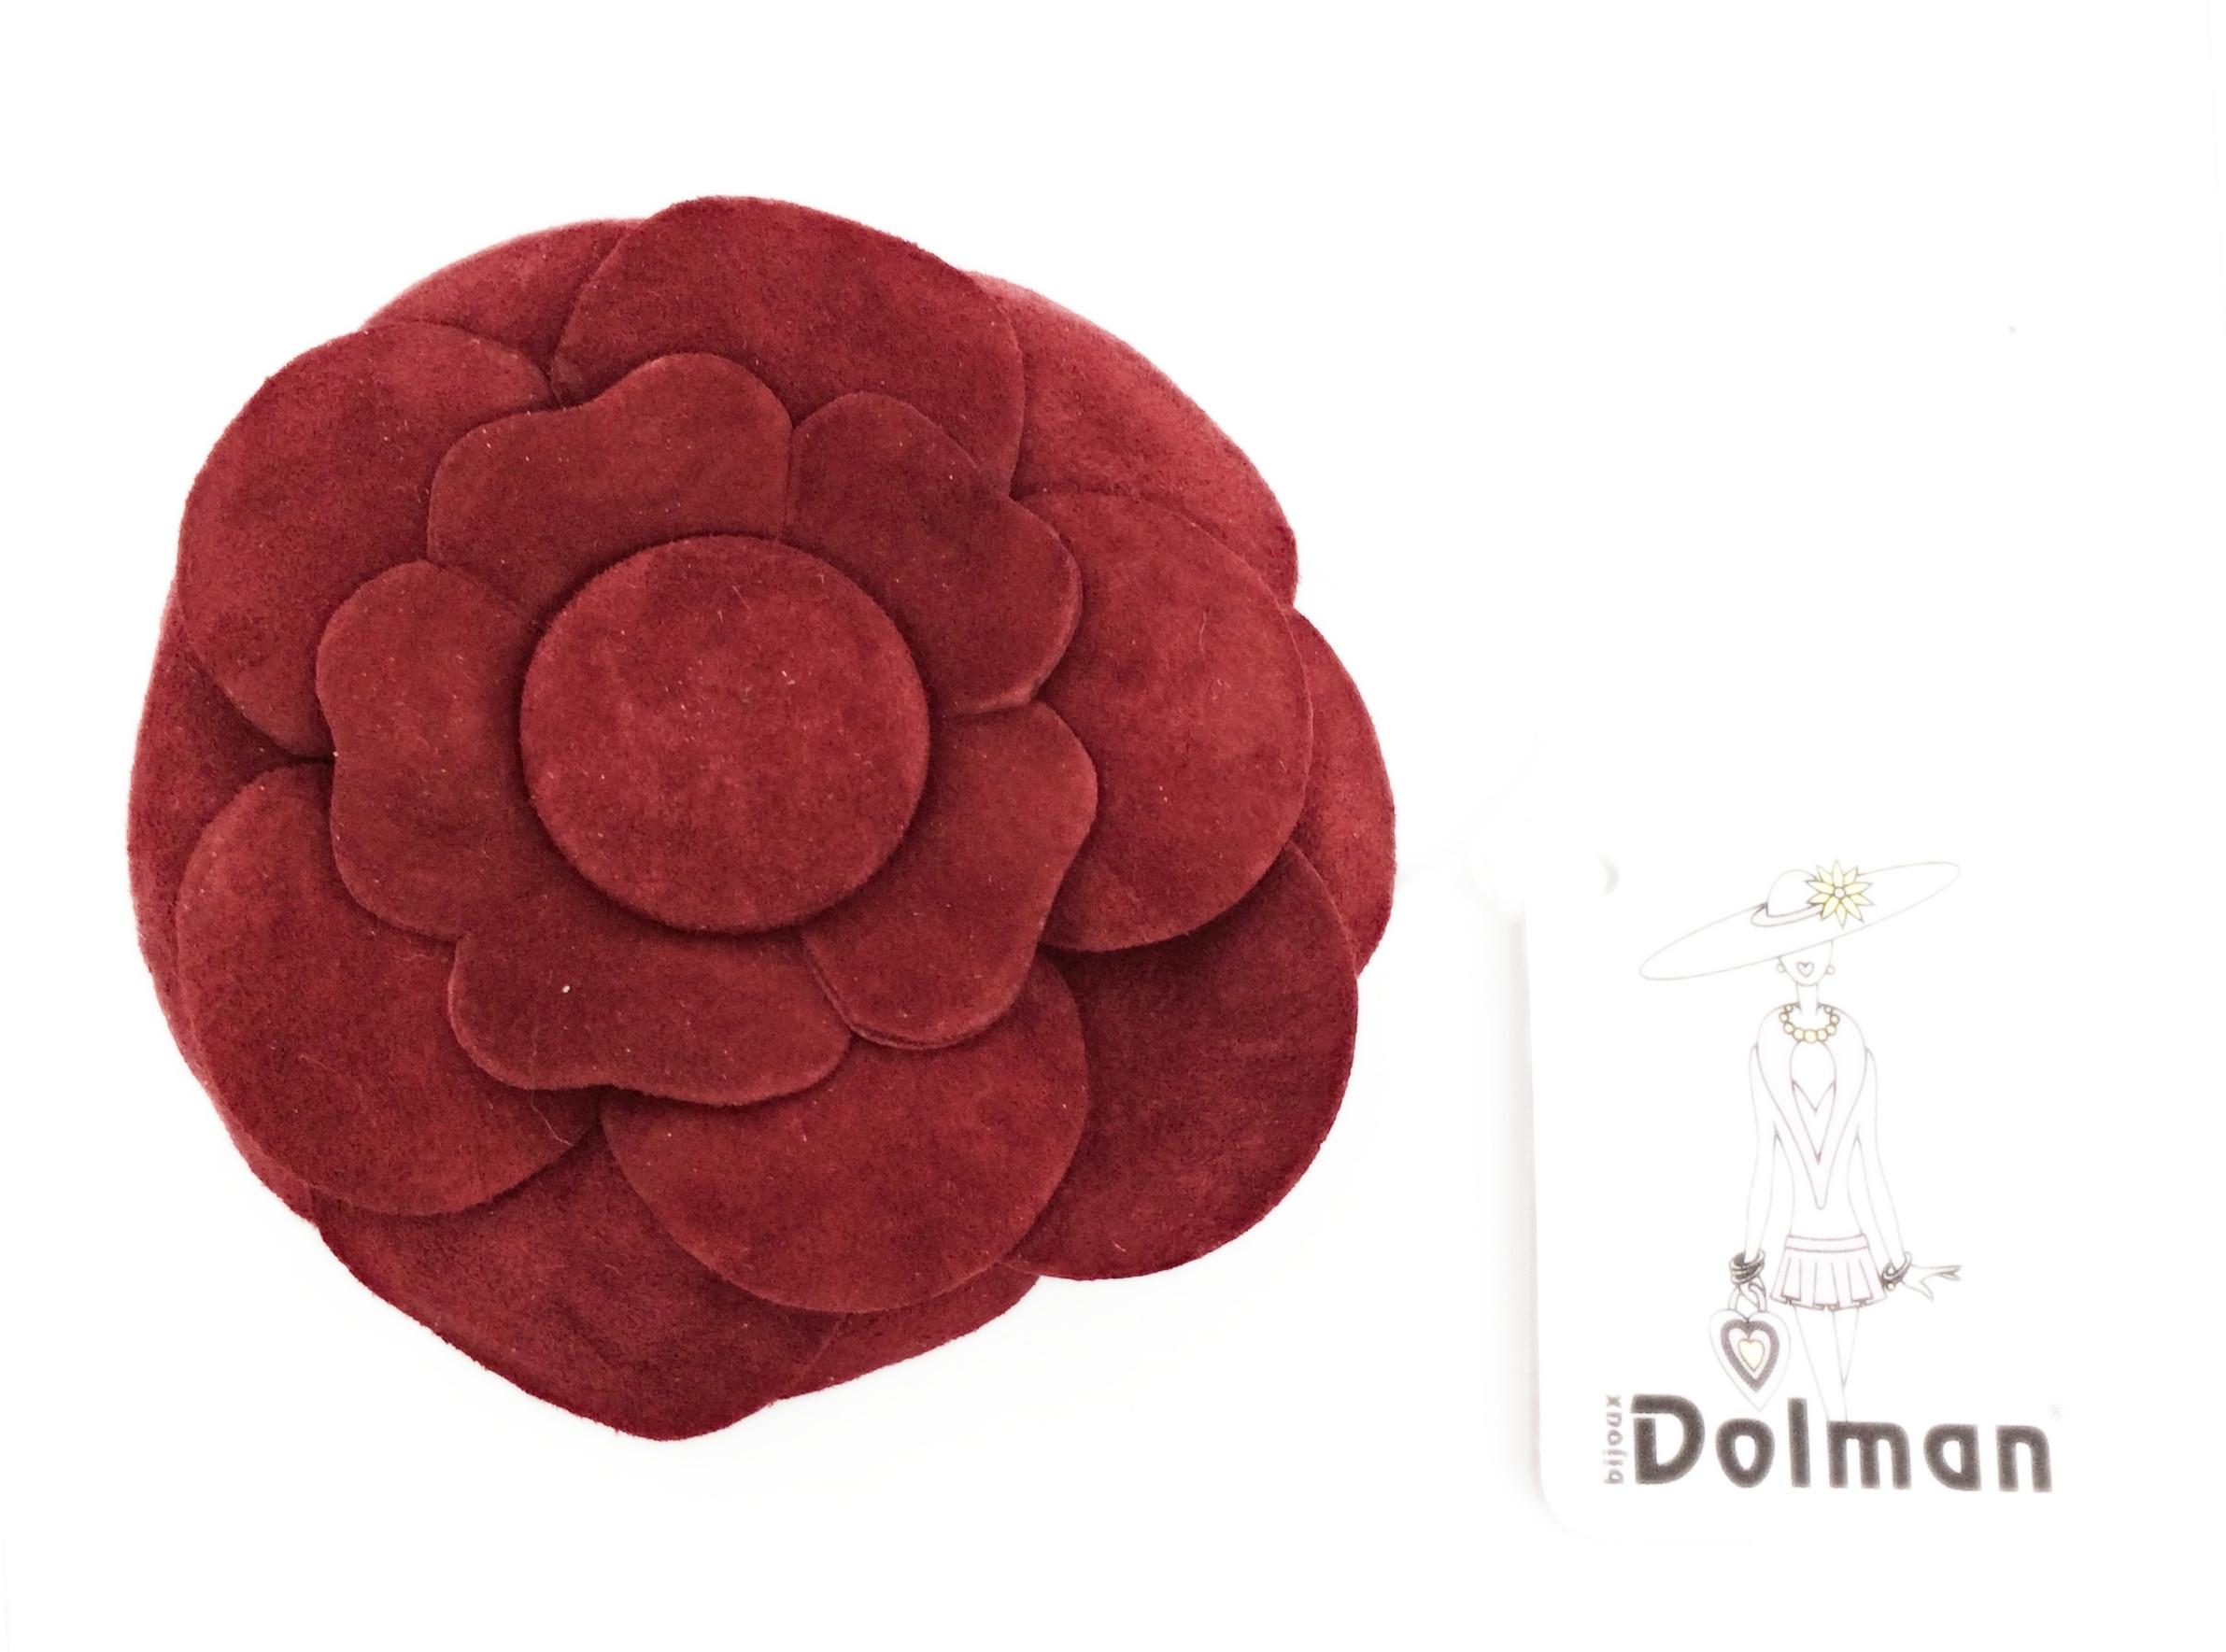 Spilla dorata con margherita in velluto rosso art. B000268